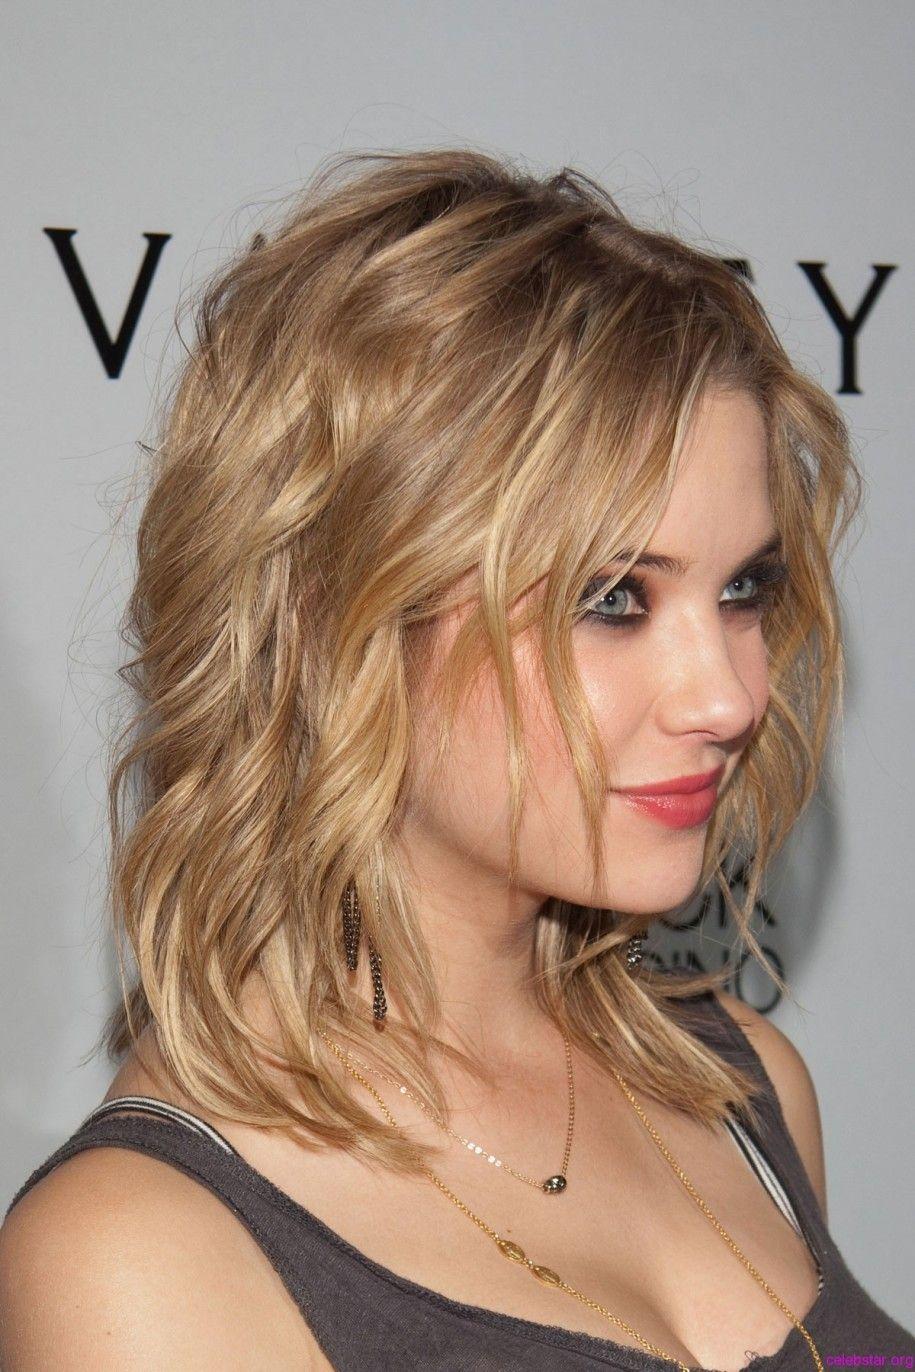 100 hot photos of ashley benson fashion style 2017 medium hair 100 hot photos of ashley benson fashion style 2017 urmus Choice Image